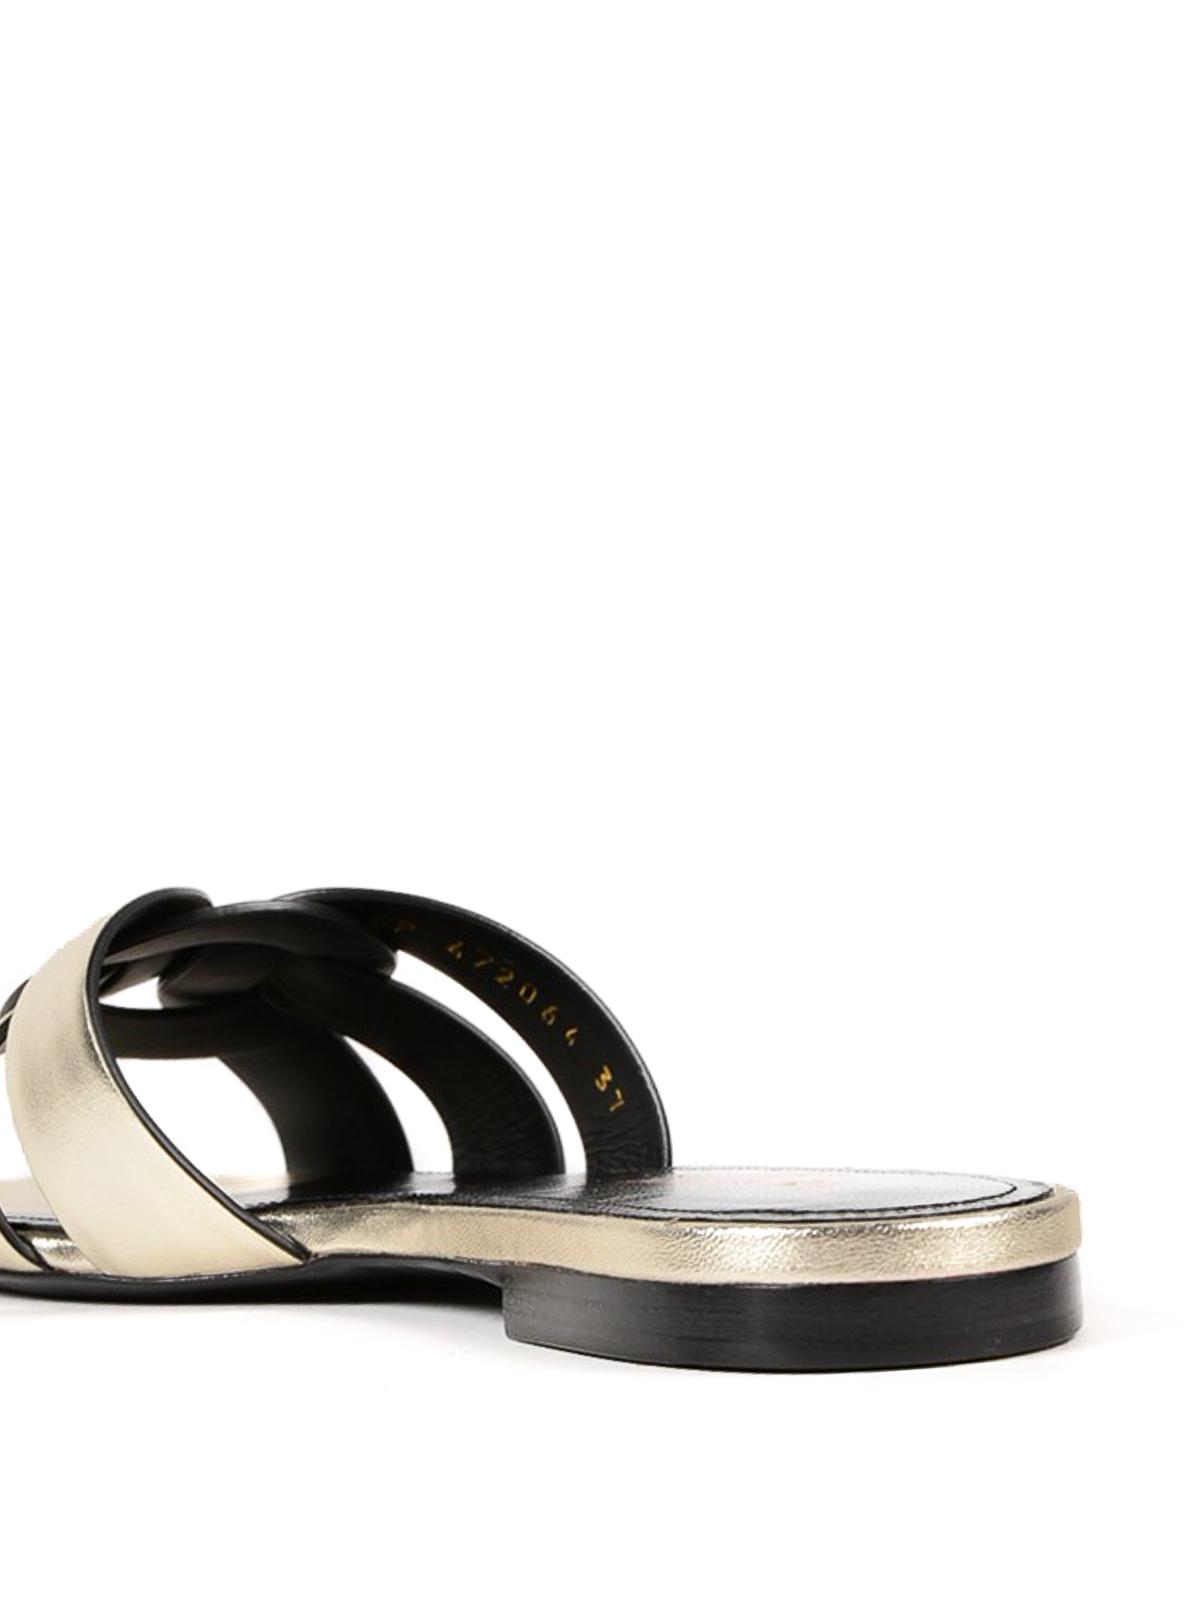 d6775e1b4e2 iKRIX SAINT LAURENT  sandals - Nu Pieds Tribute flat slide sandals